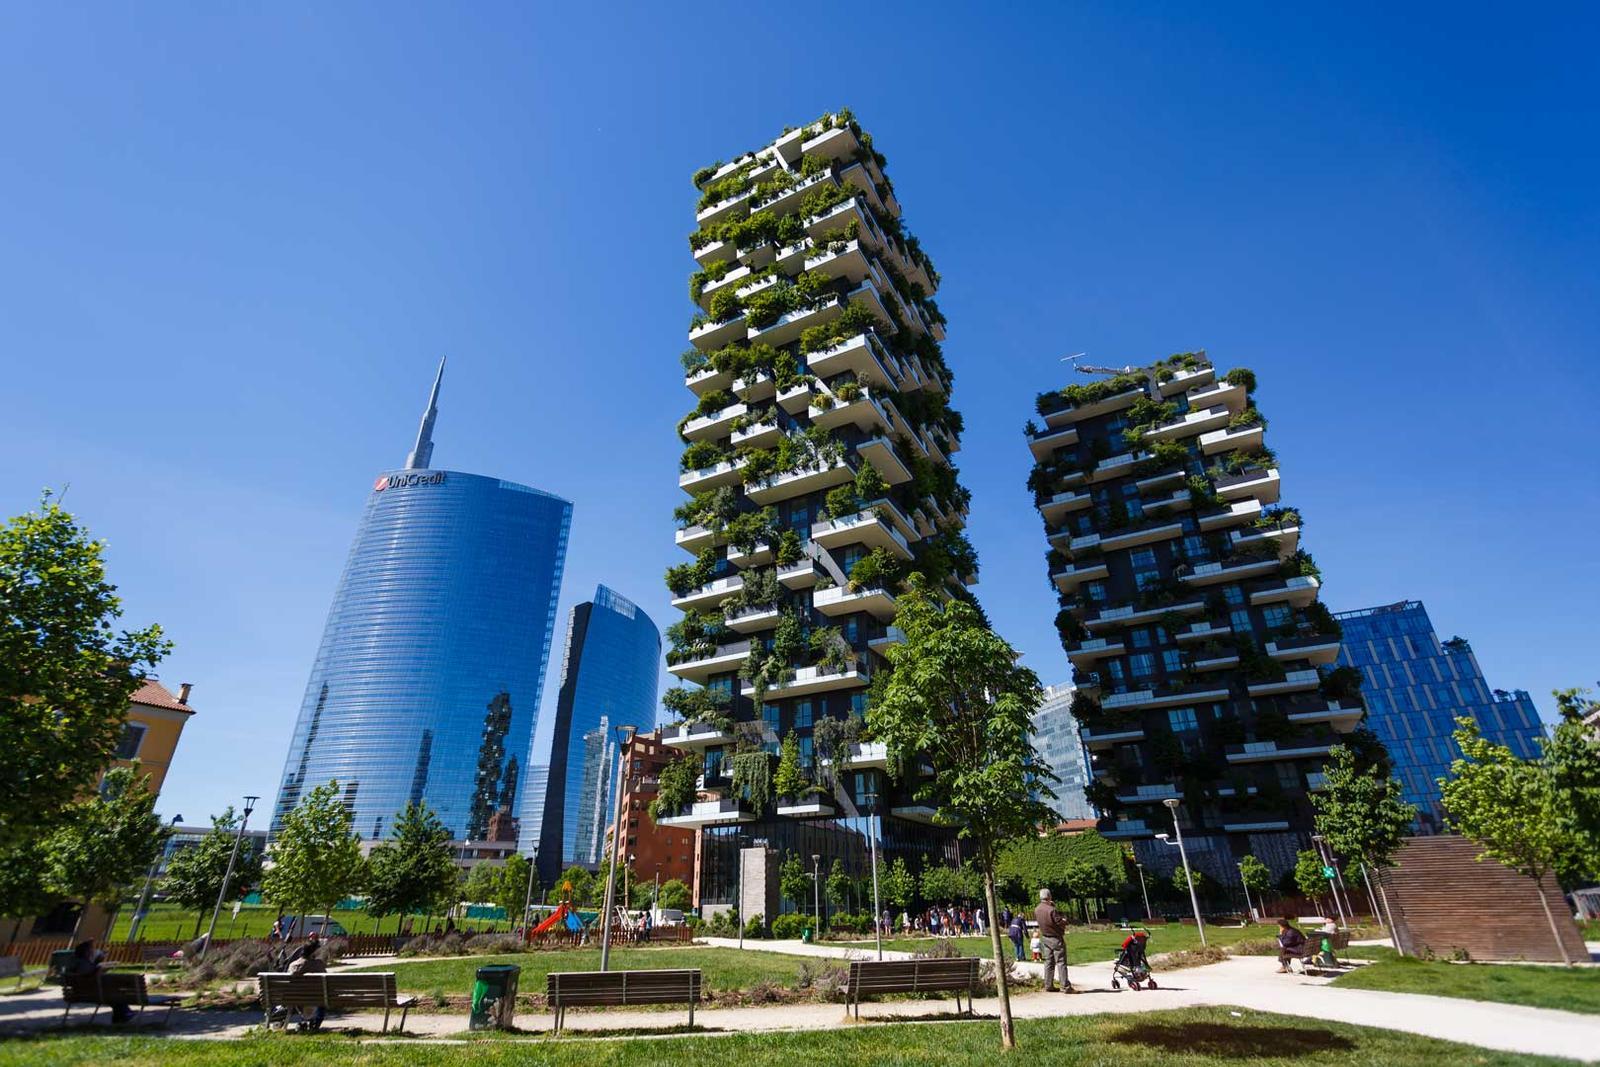 Zelene fasady - Viac ako 20.000 rastlín a stromov, teda ekvivalent dvoch hektárov lesa na dvoch budovách